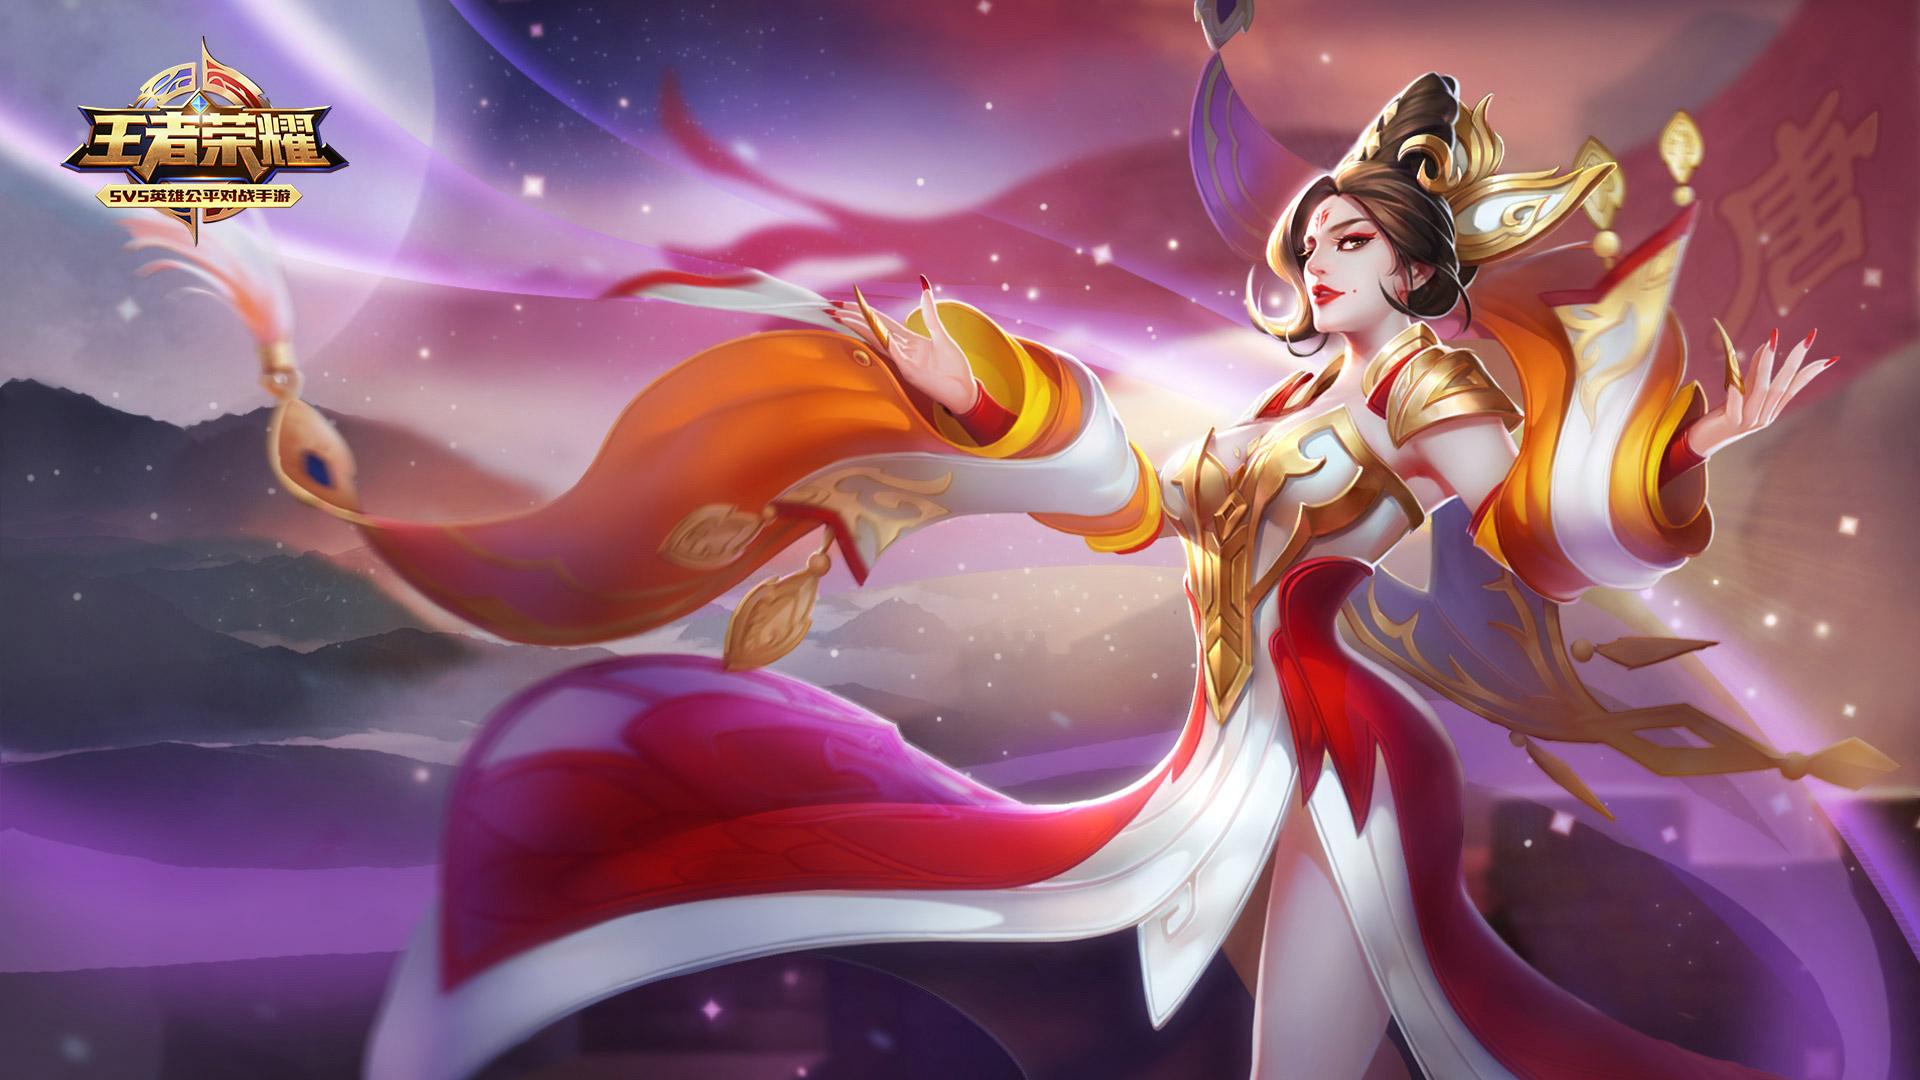 第1弹《王者荣耀英雄皮肤CG》竞技游戏163